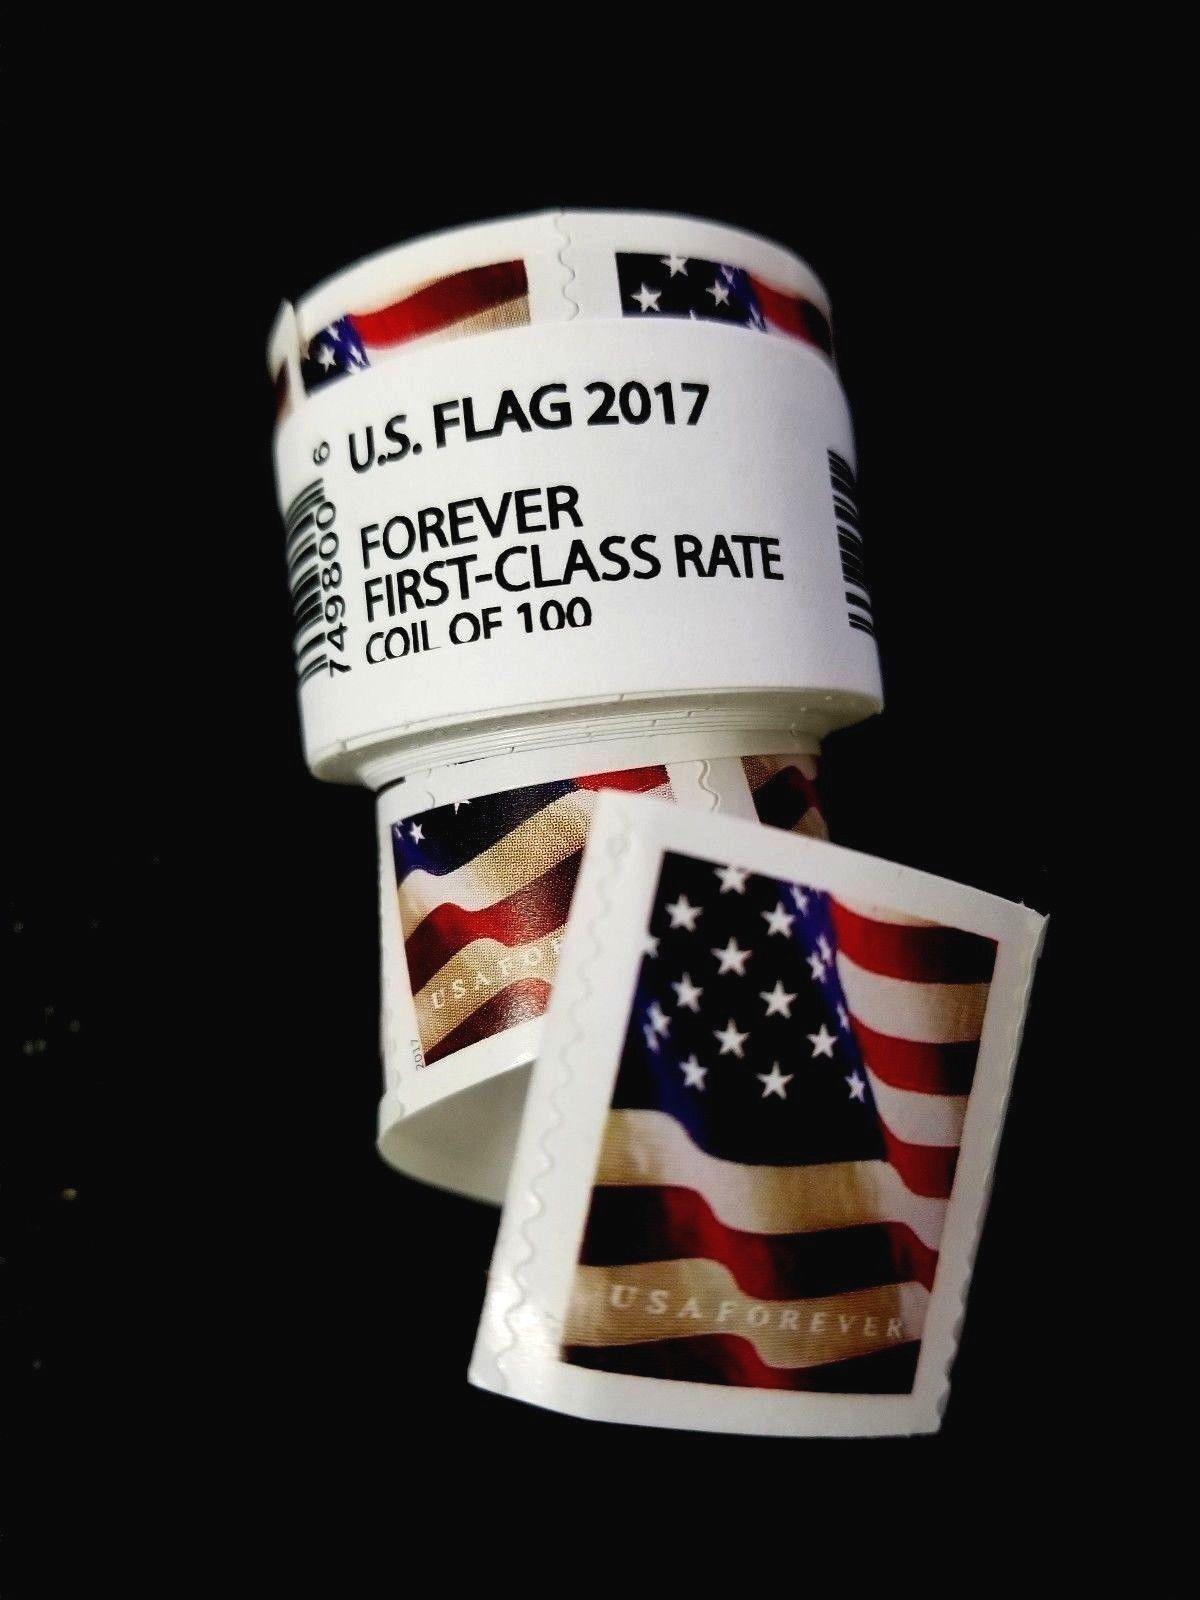 Купить *200 FOREVER STAMPS* 2 rolls of 100 2017 USPS Forever US Flag Stamp Coil